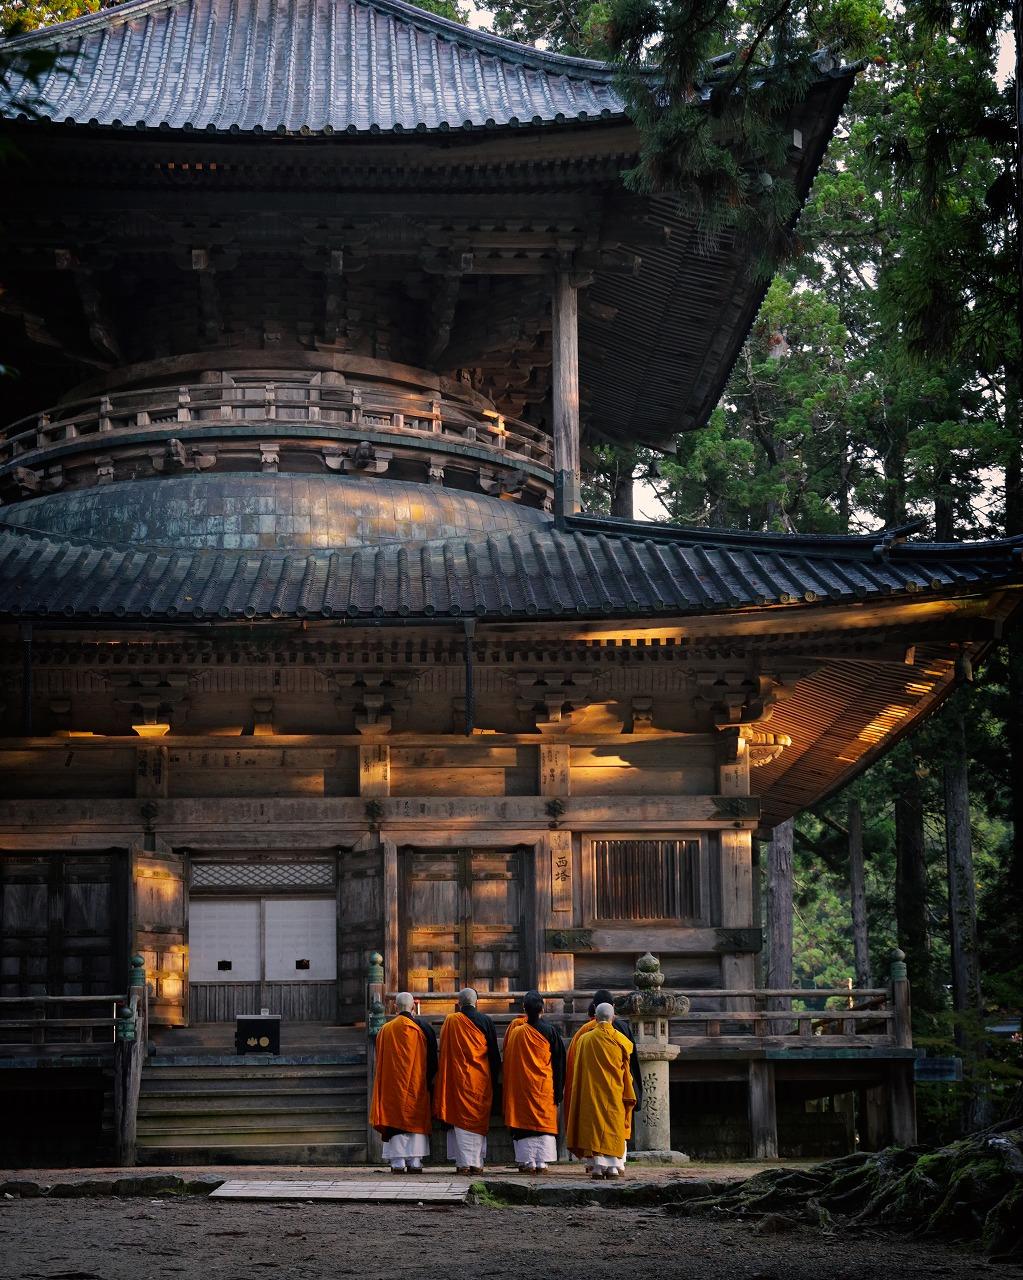 壇上伽藍西塔(Wakayama Tourism Federation)